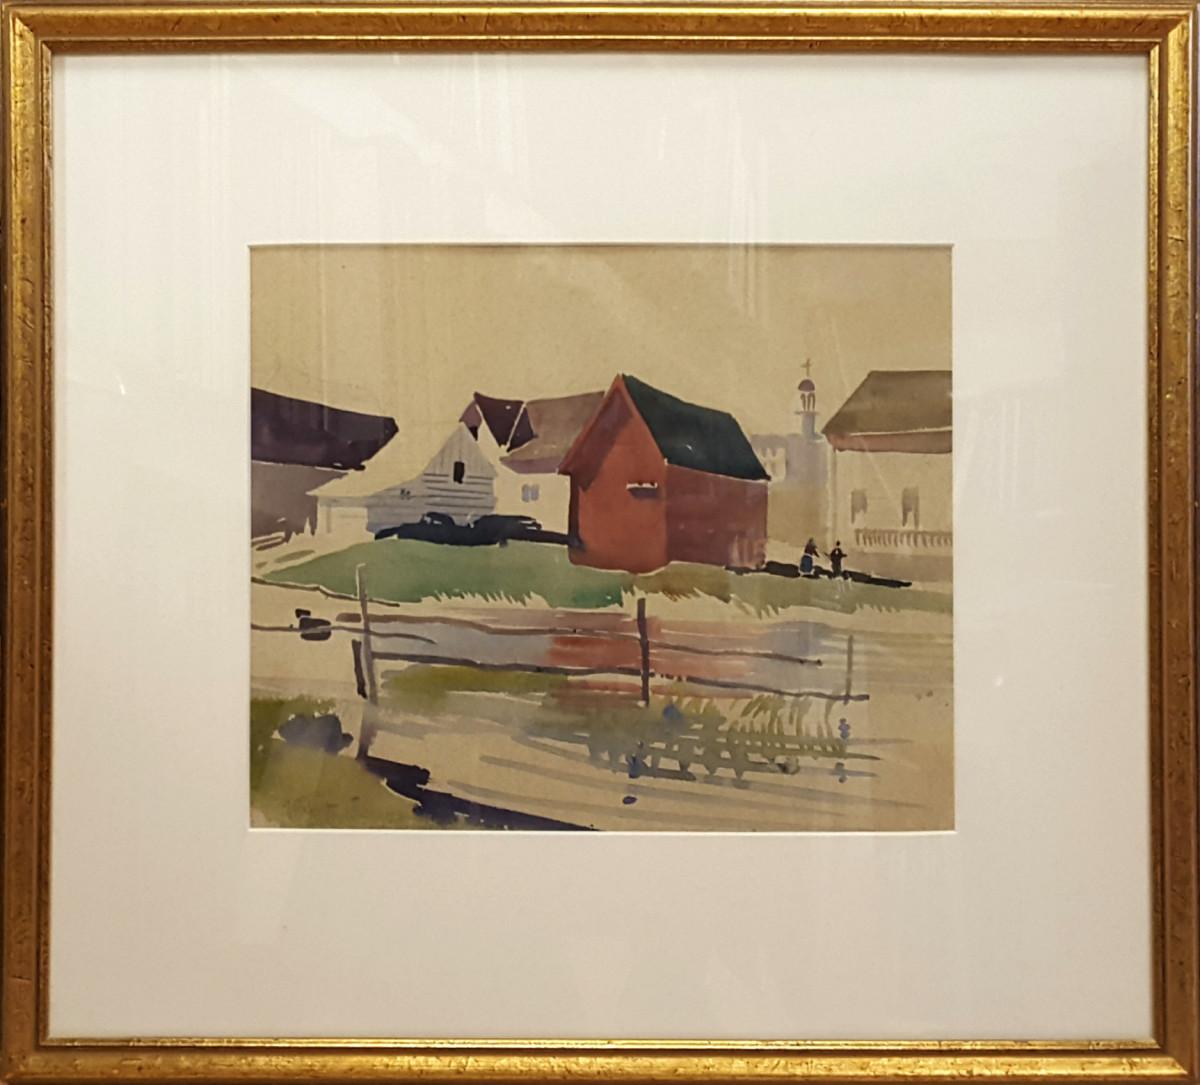 2429 - Church and Buildings by Llewellyn Petley-Jones (1908-1986)